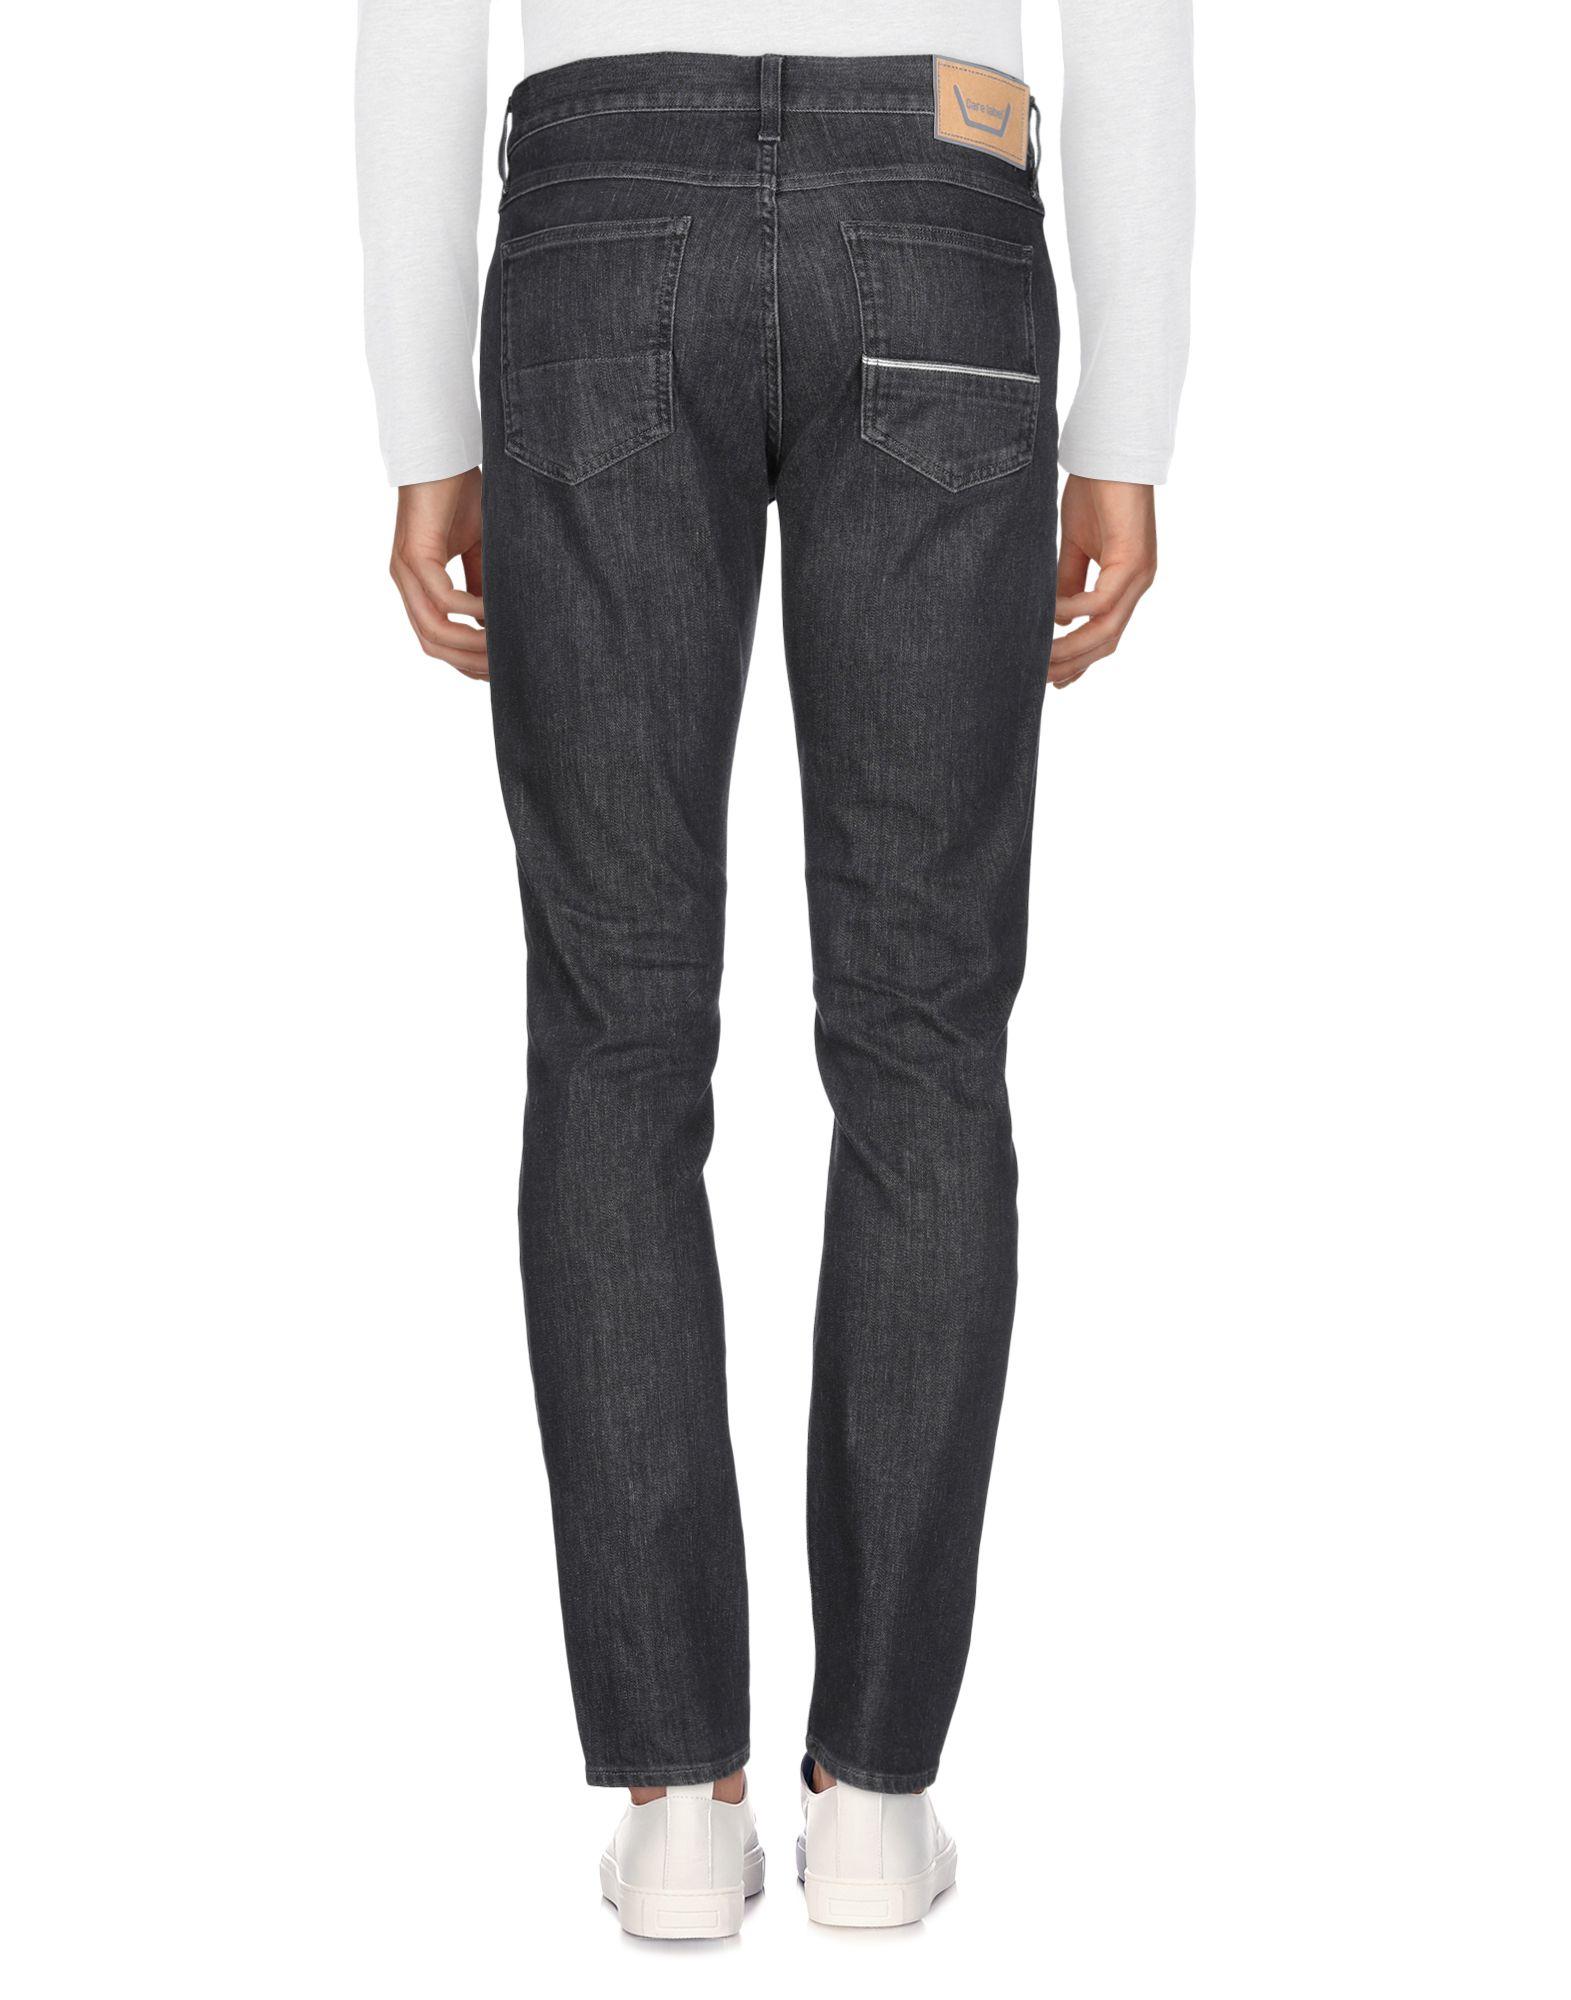 Pantaloni - Jeans Care Label Uomo - Pantaloni 42687057NG 7bd7d0